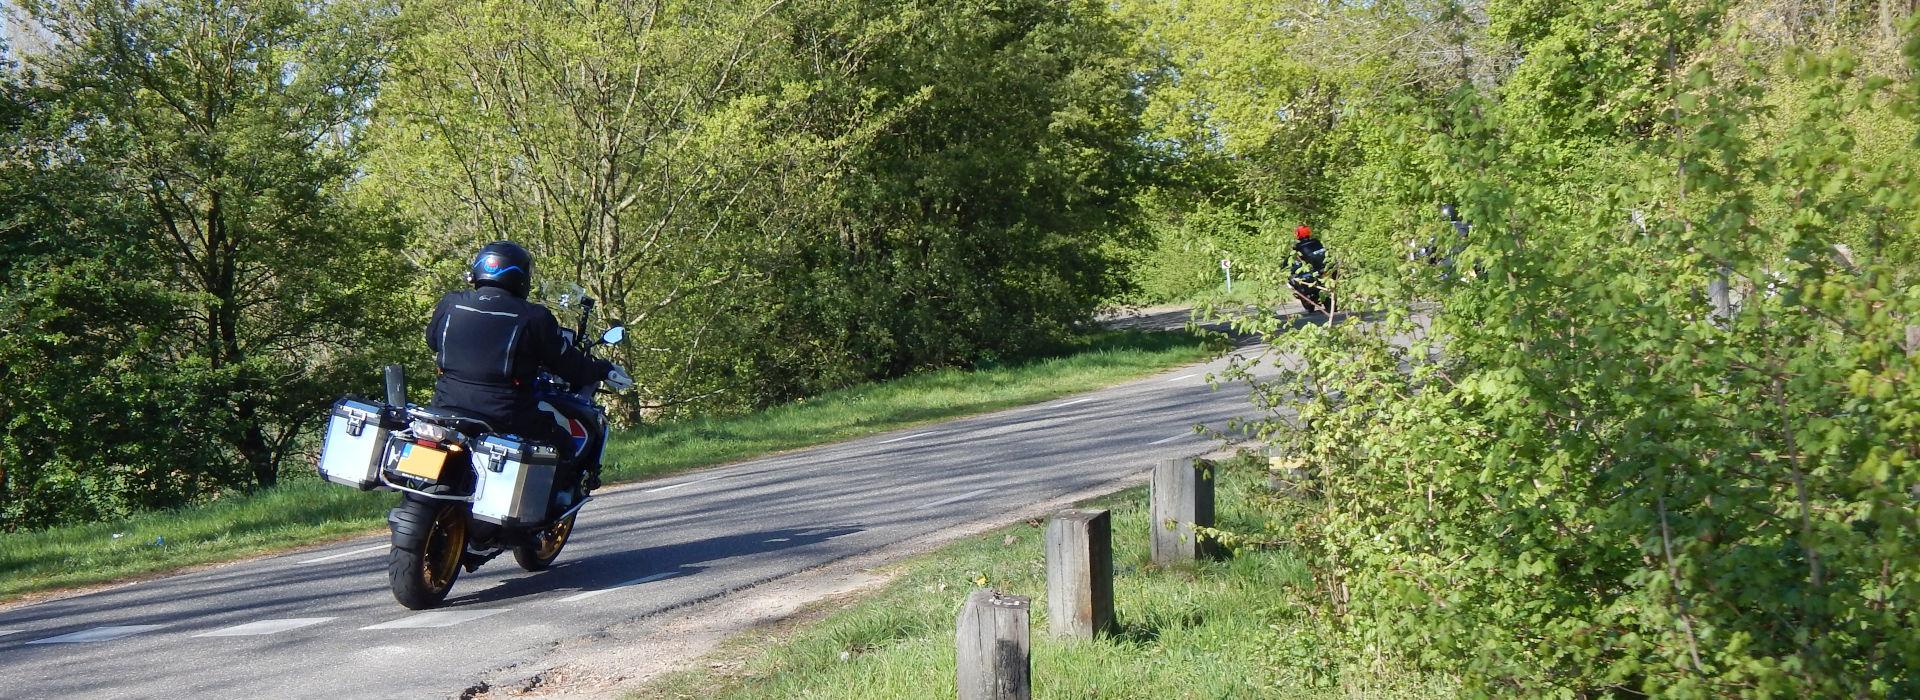 Motorrijbewijspoint Blaricum spoed motorrijbewijs